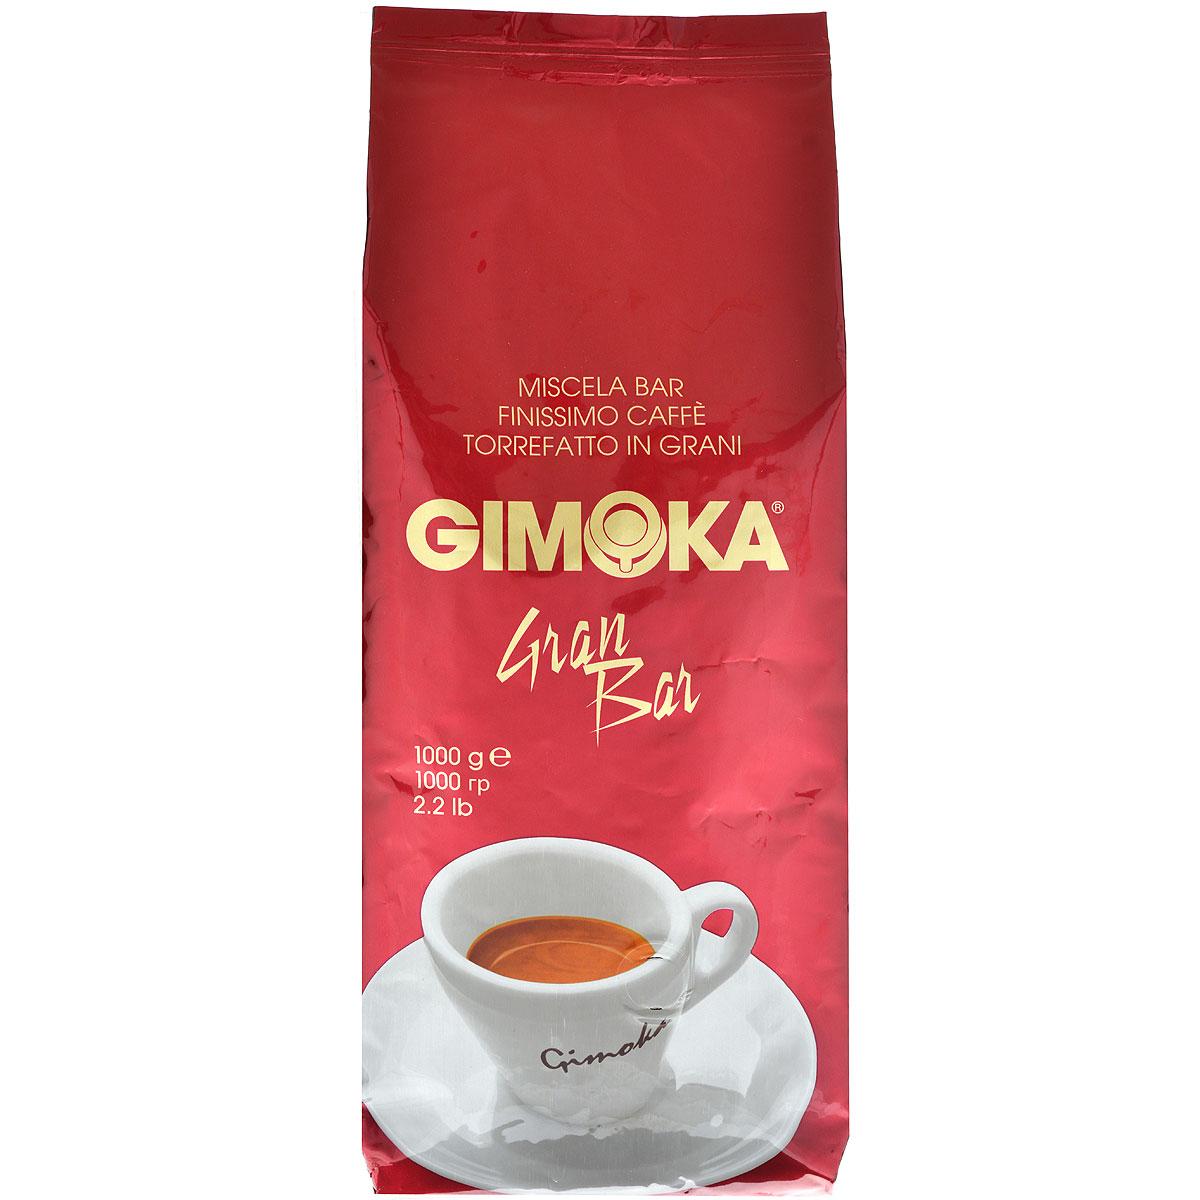 Gimoka Rossa Gran Bar кофе в зернах, 1 кг стоимость